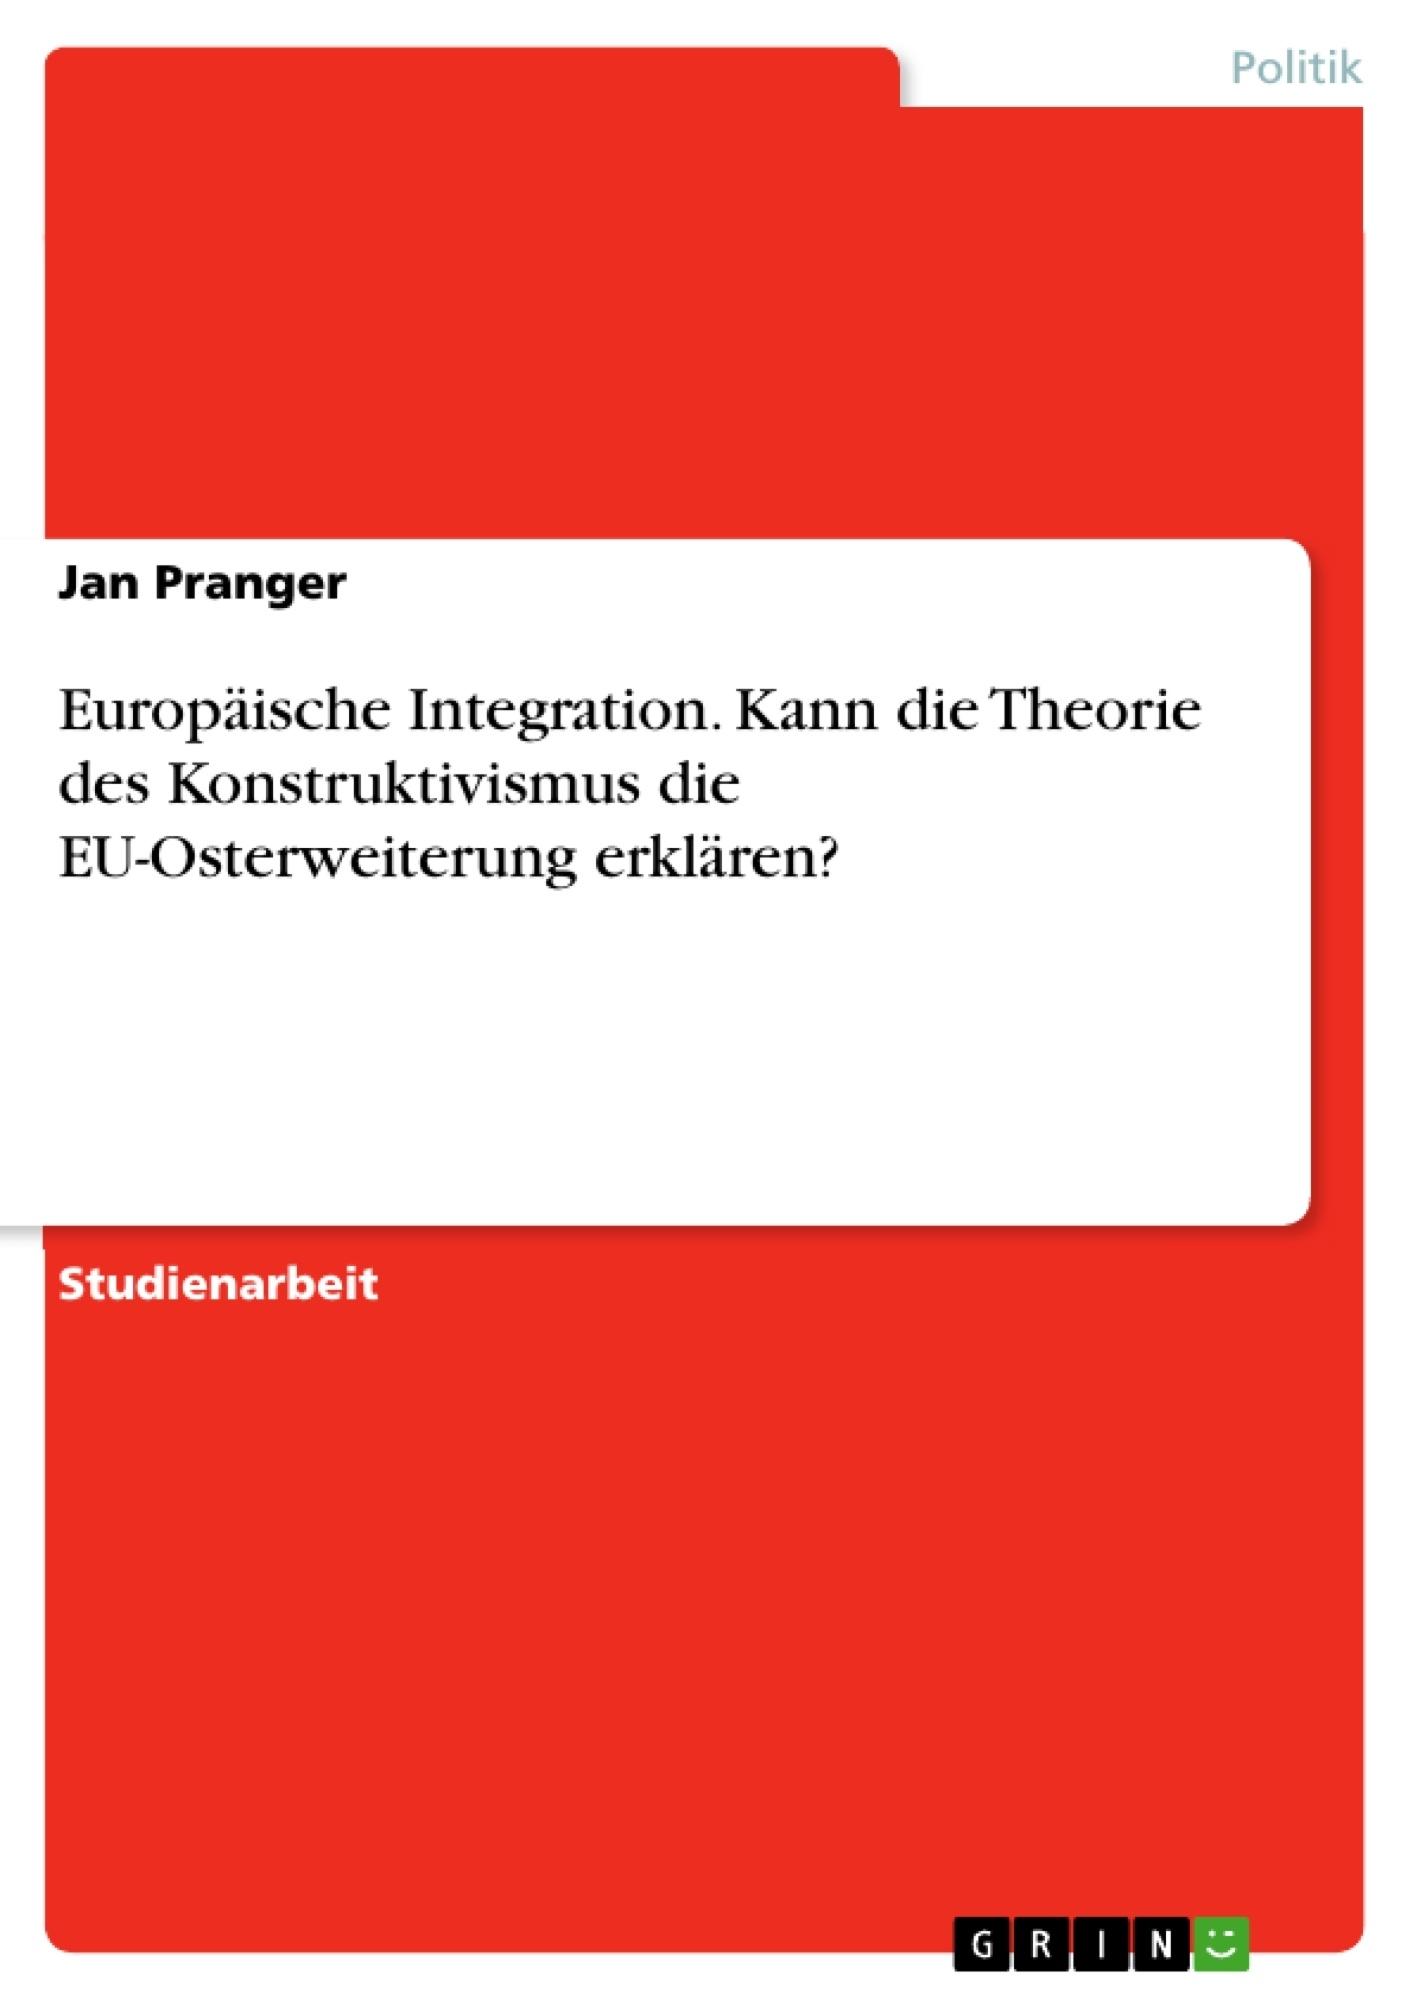 Titel: Europäische Integration. Kann die Theorie des Konstruktivismus die EU-Osterweiterung erklären?